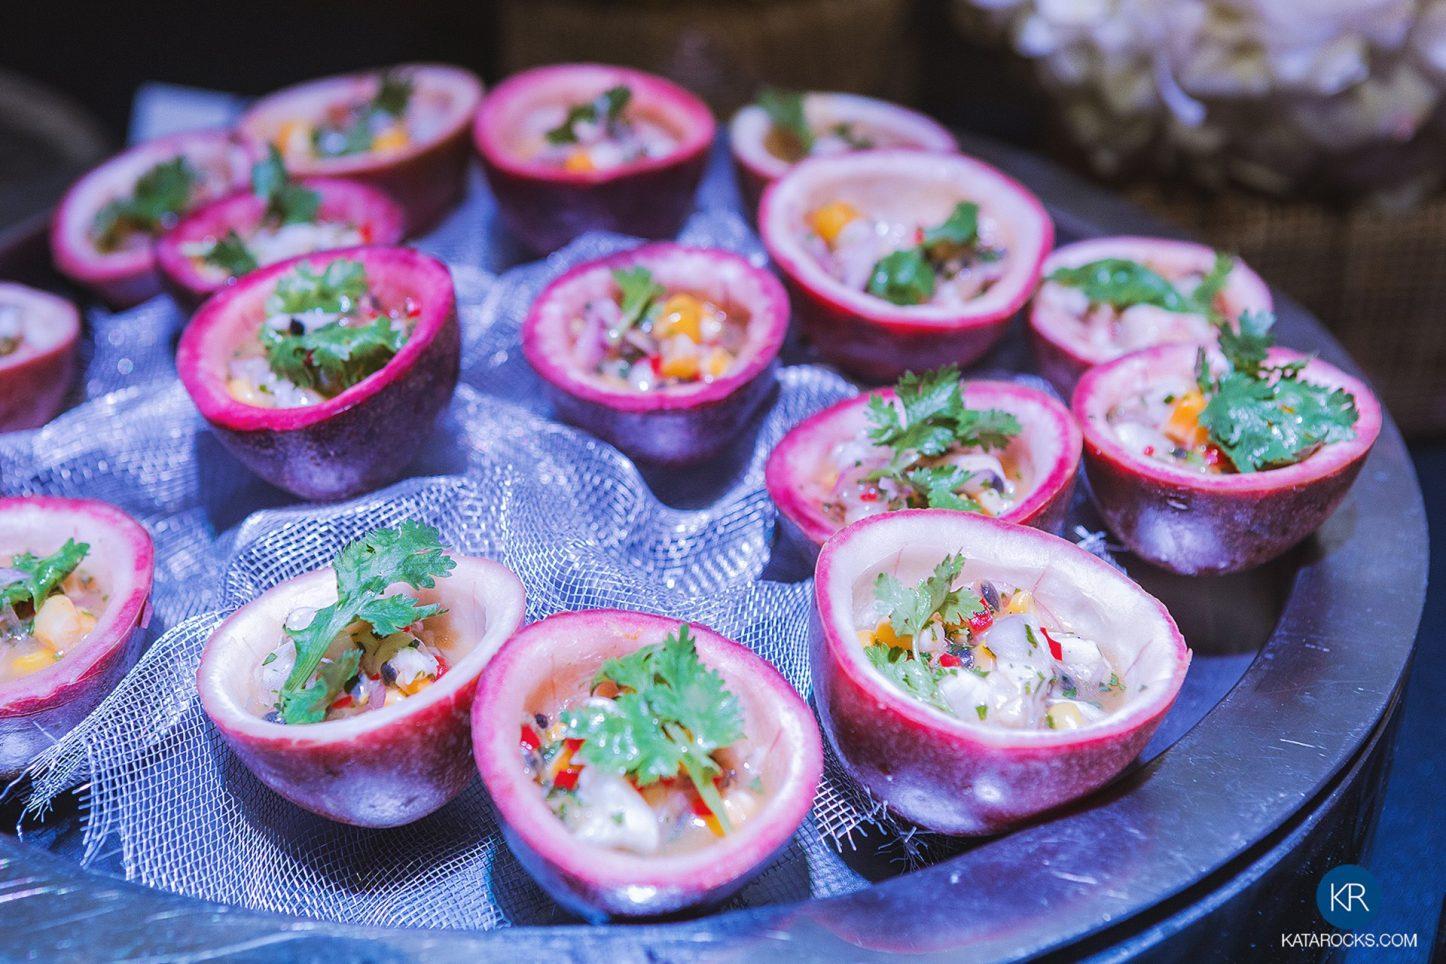 Kata Rocks Pops Up at Phuket Has Been Good to Us - Phuket Charity event food